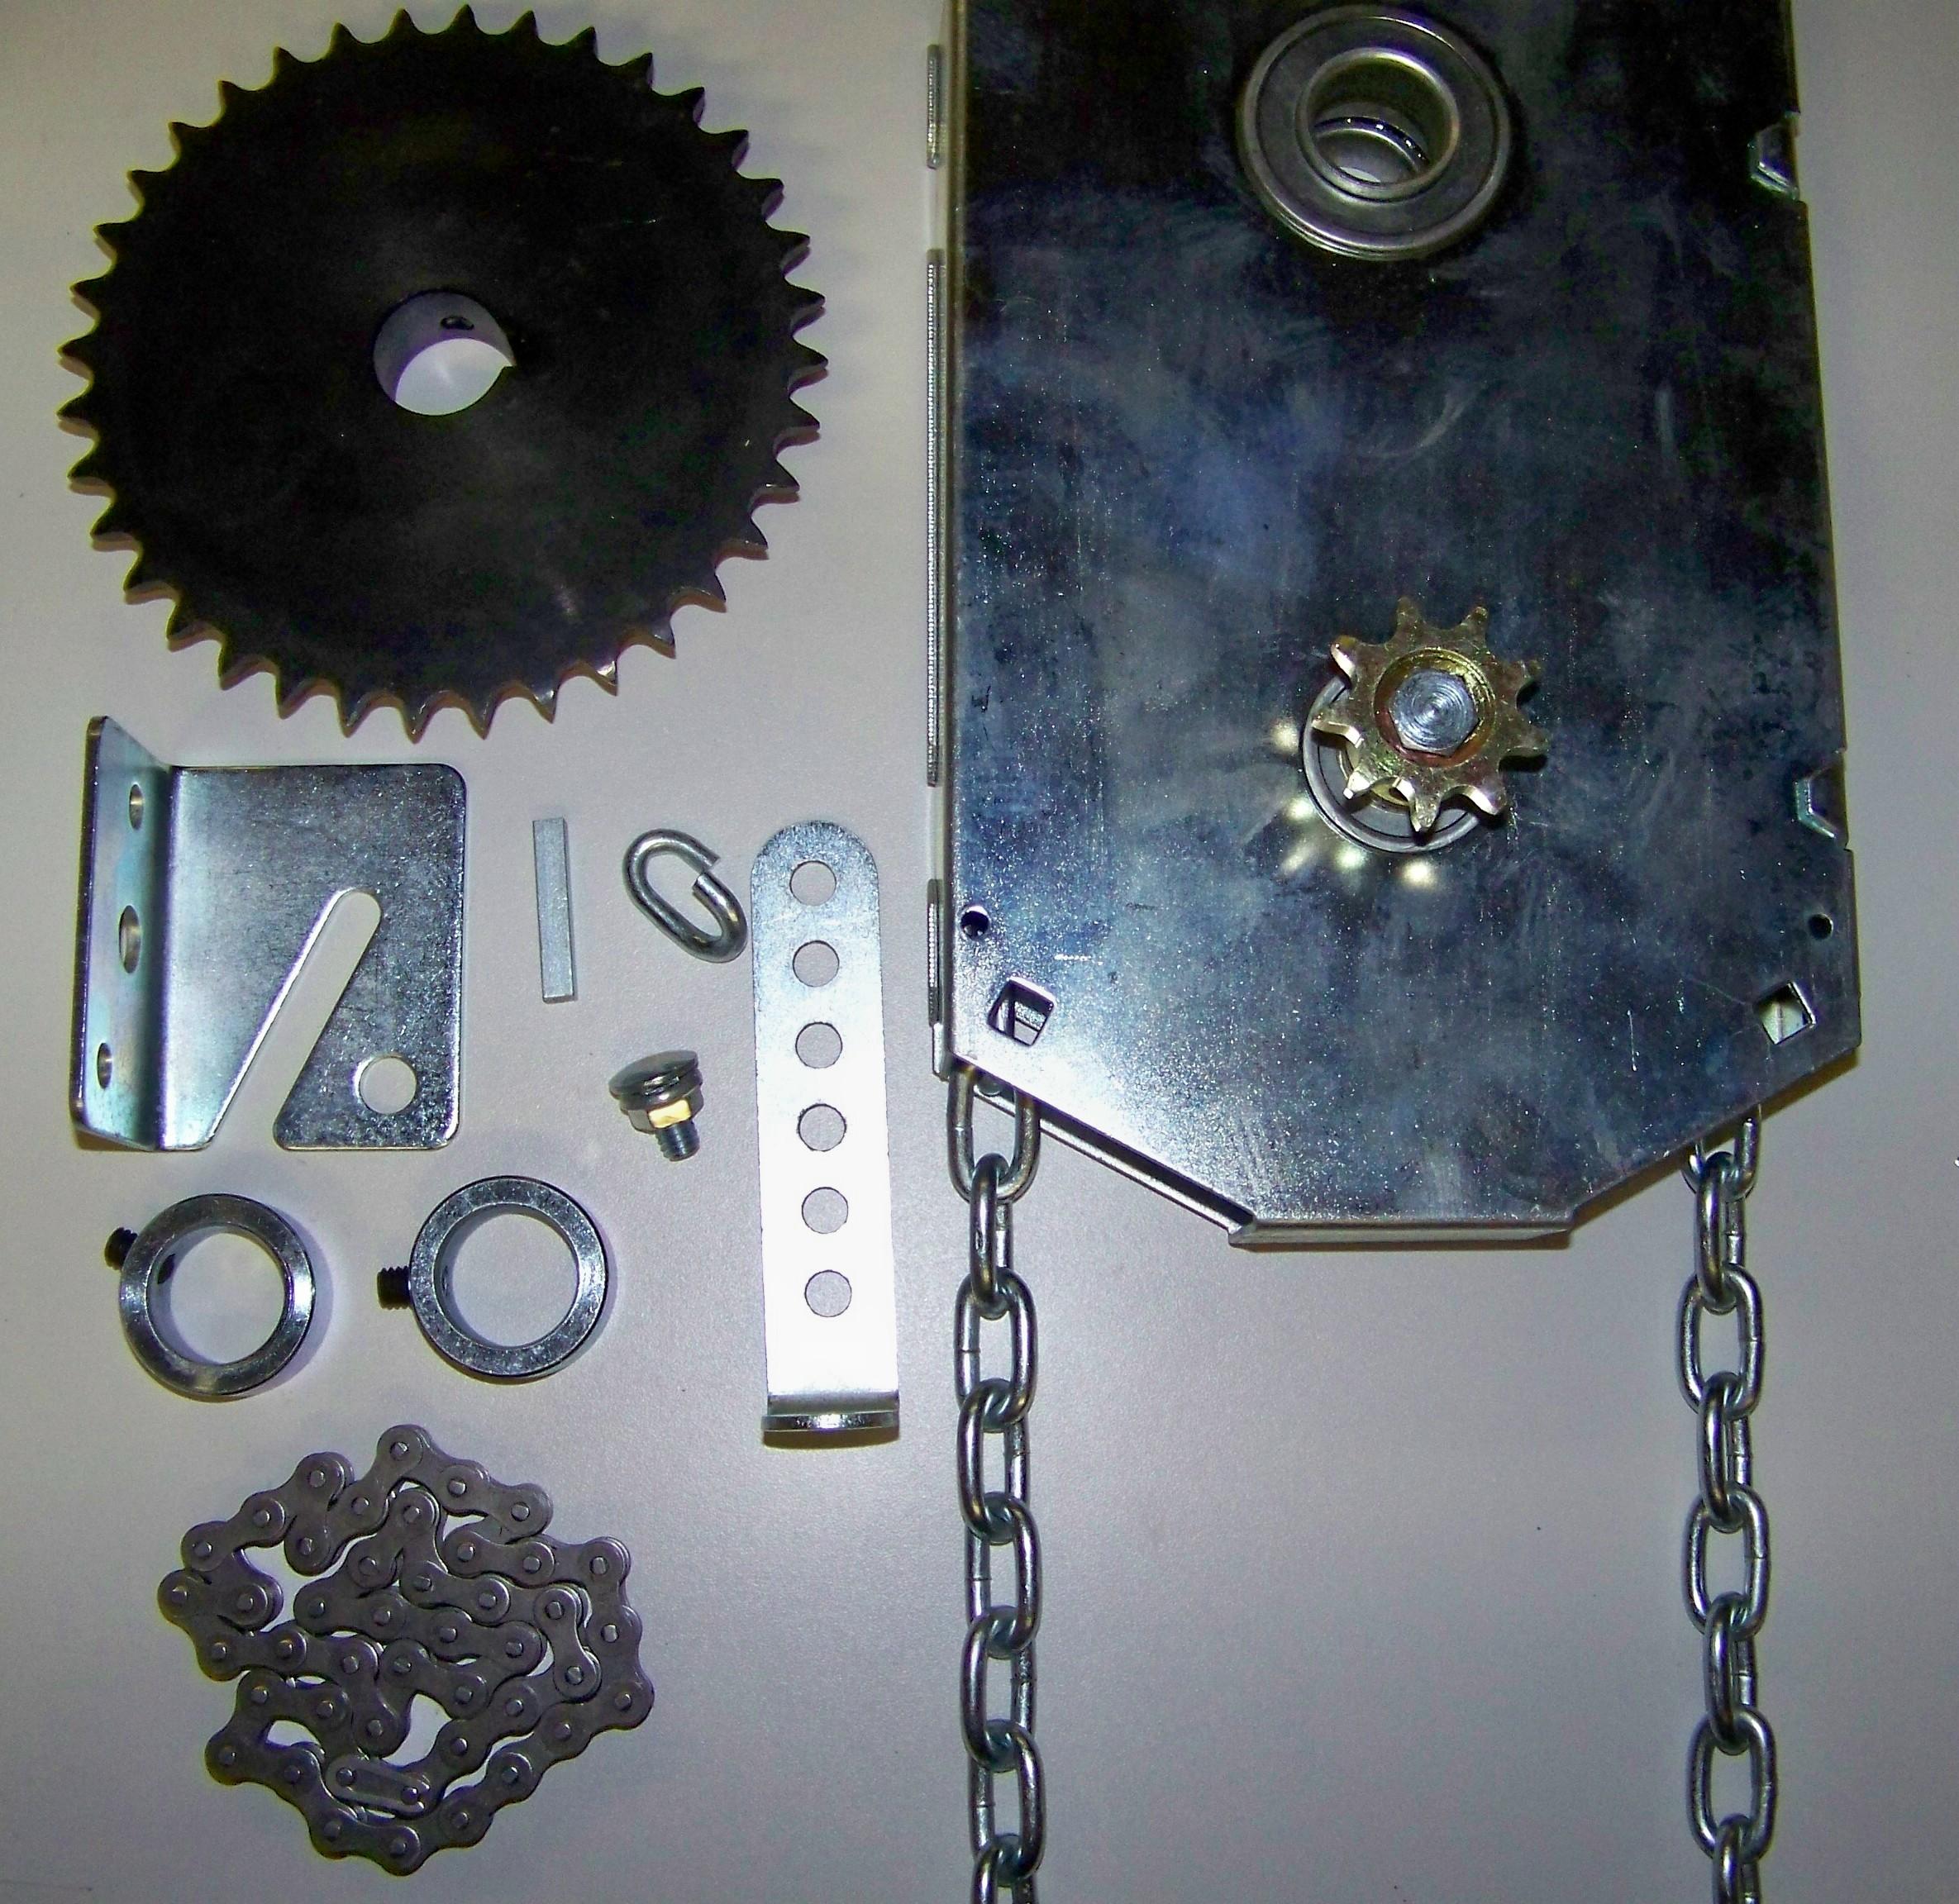 roll up garage door openerchanin hoist